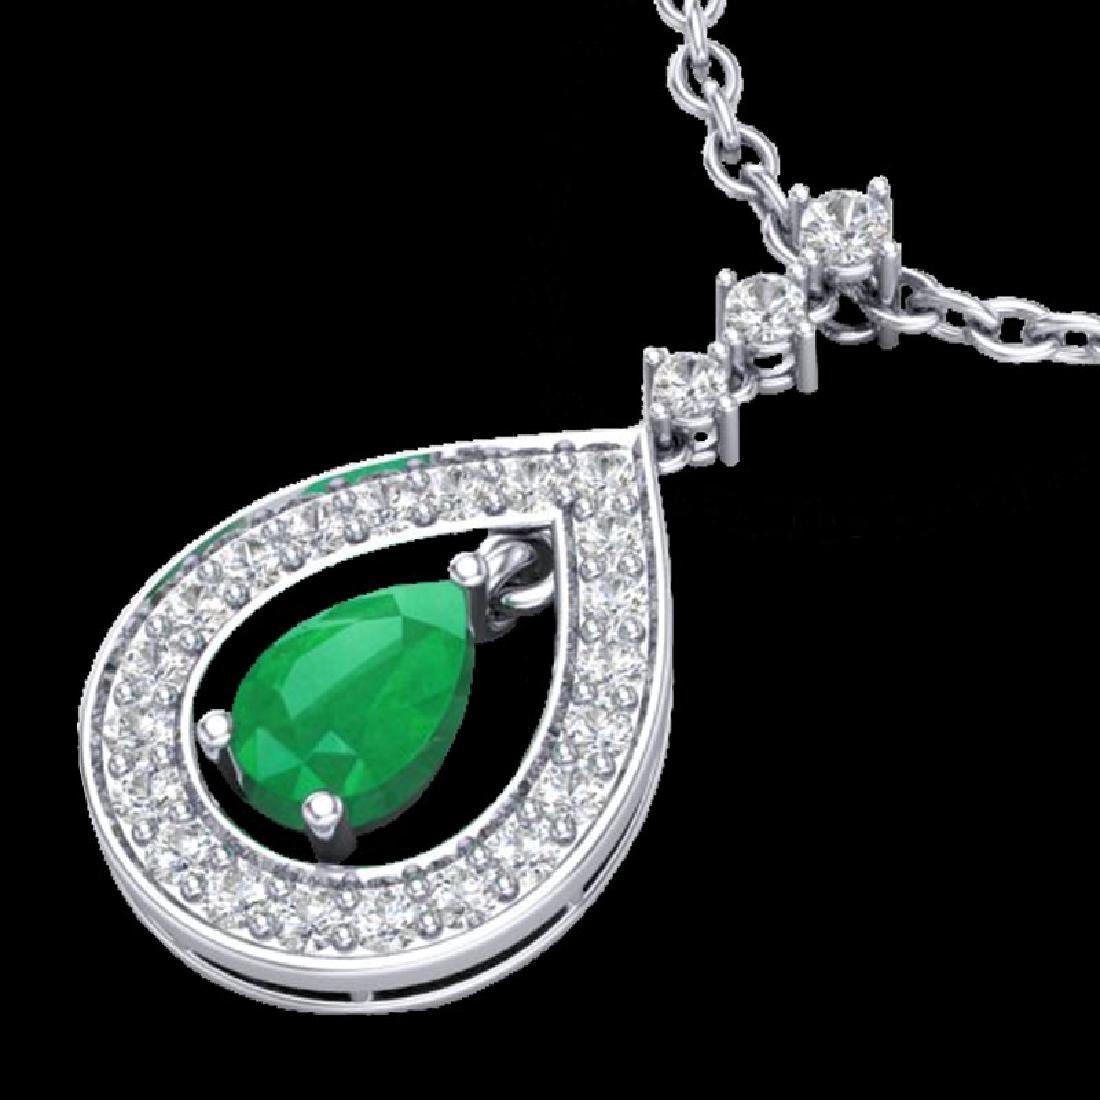 1.15 CTW Emerald & Micro Pave VS/SI Diamond Necklace